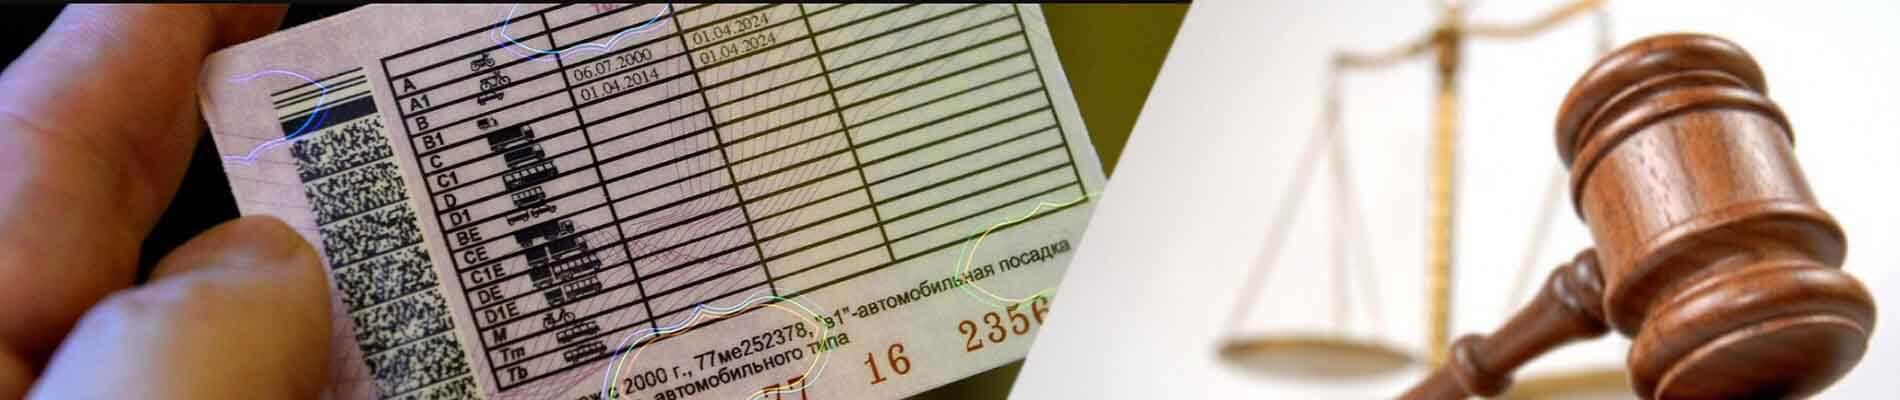 Возврат водительских прав СПб